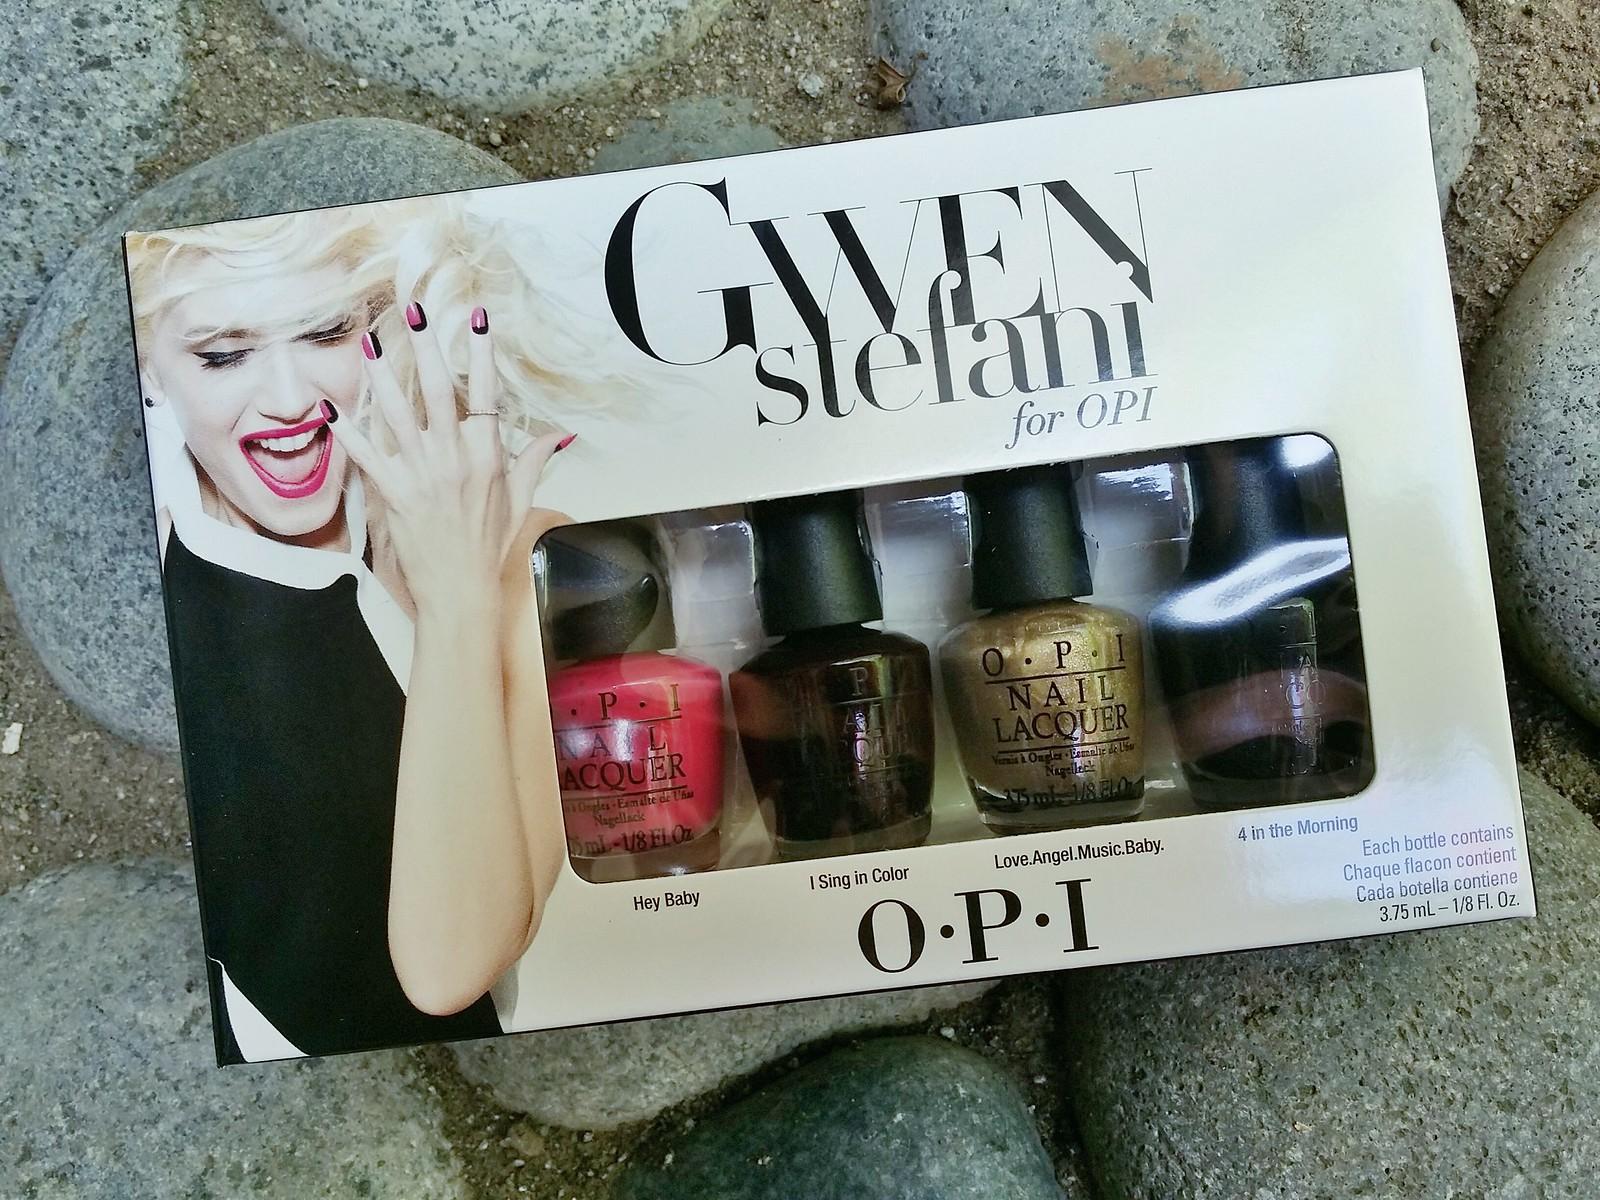 Gwen_stefani_opi